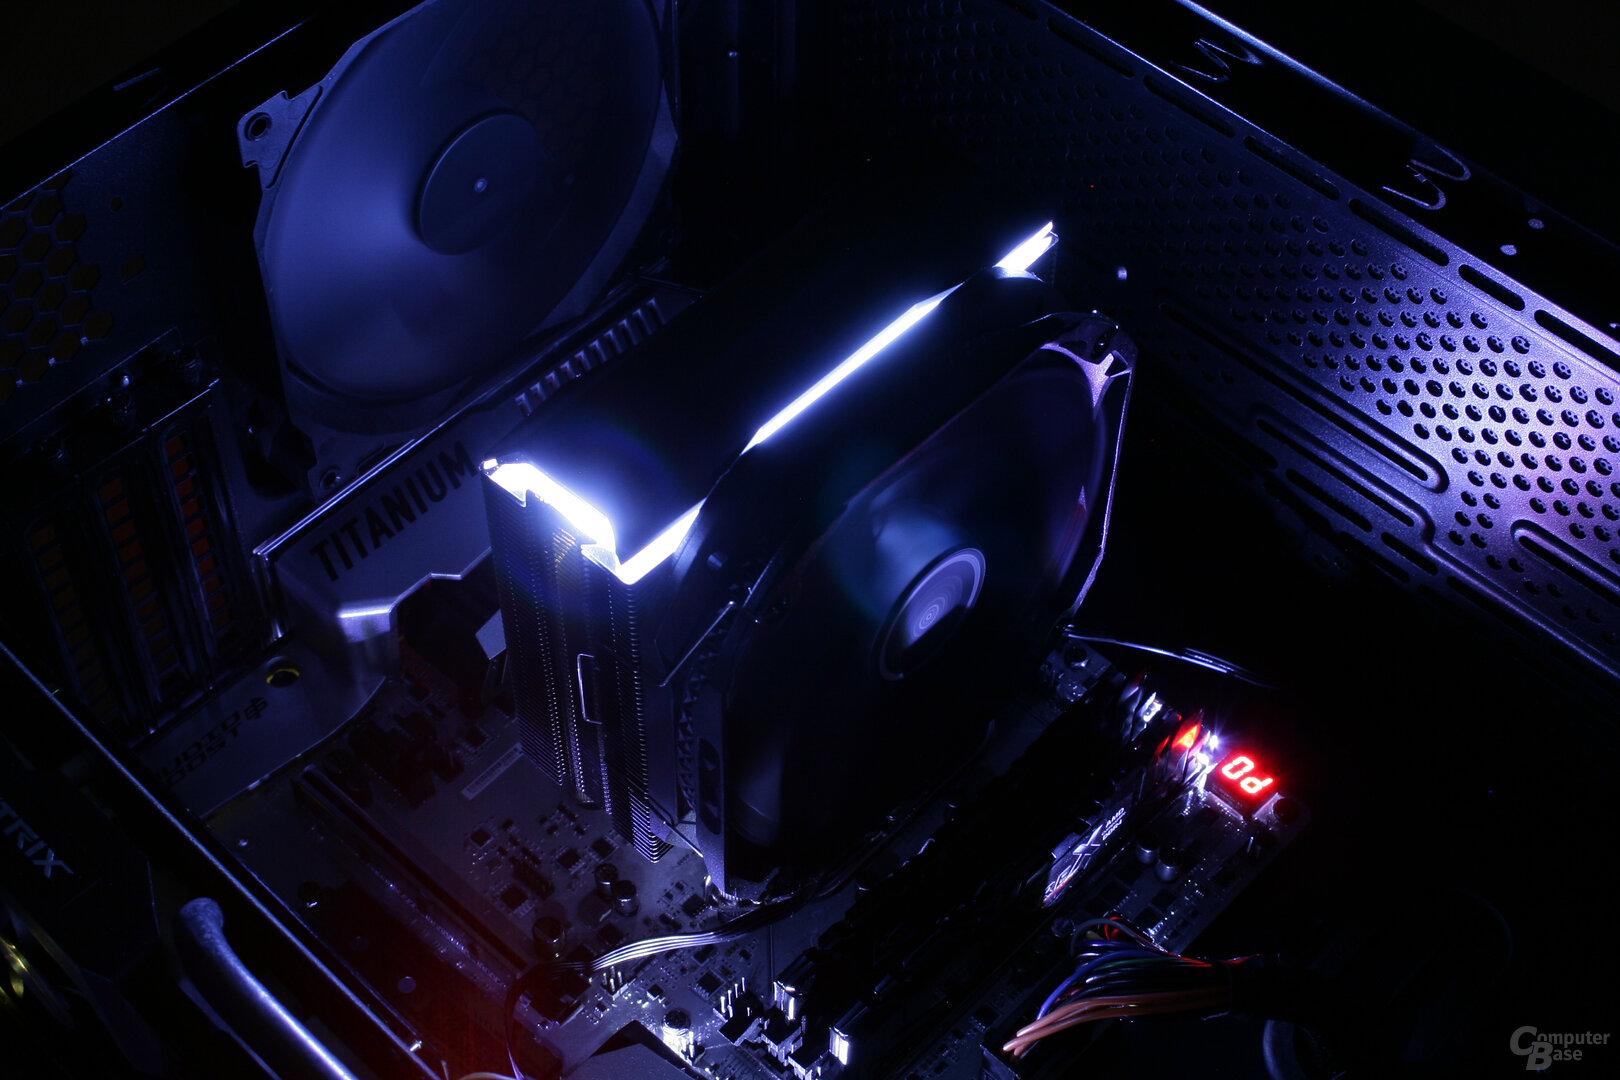 Deepcool AS500 im Testsystem: Beleuchtung im Dunkeln